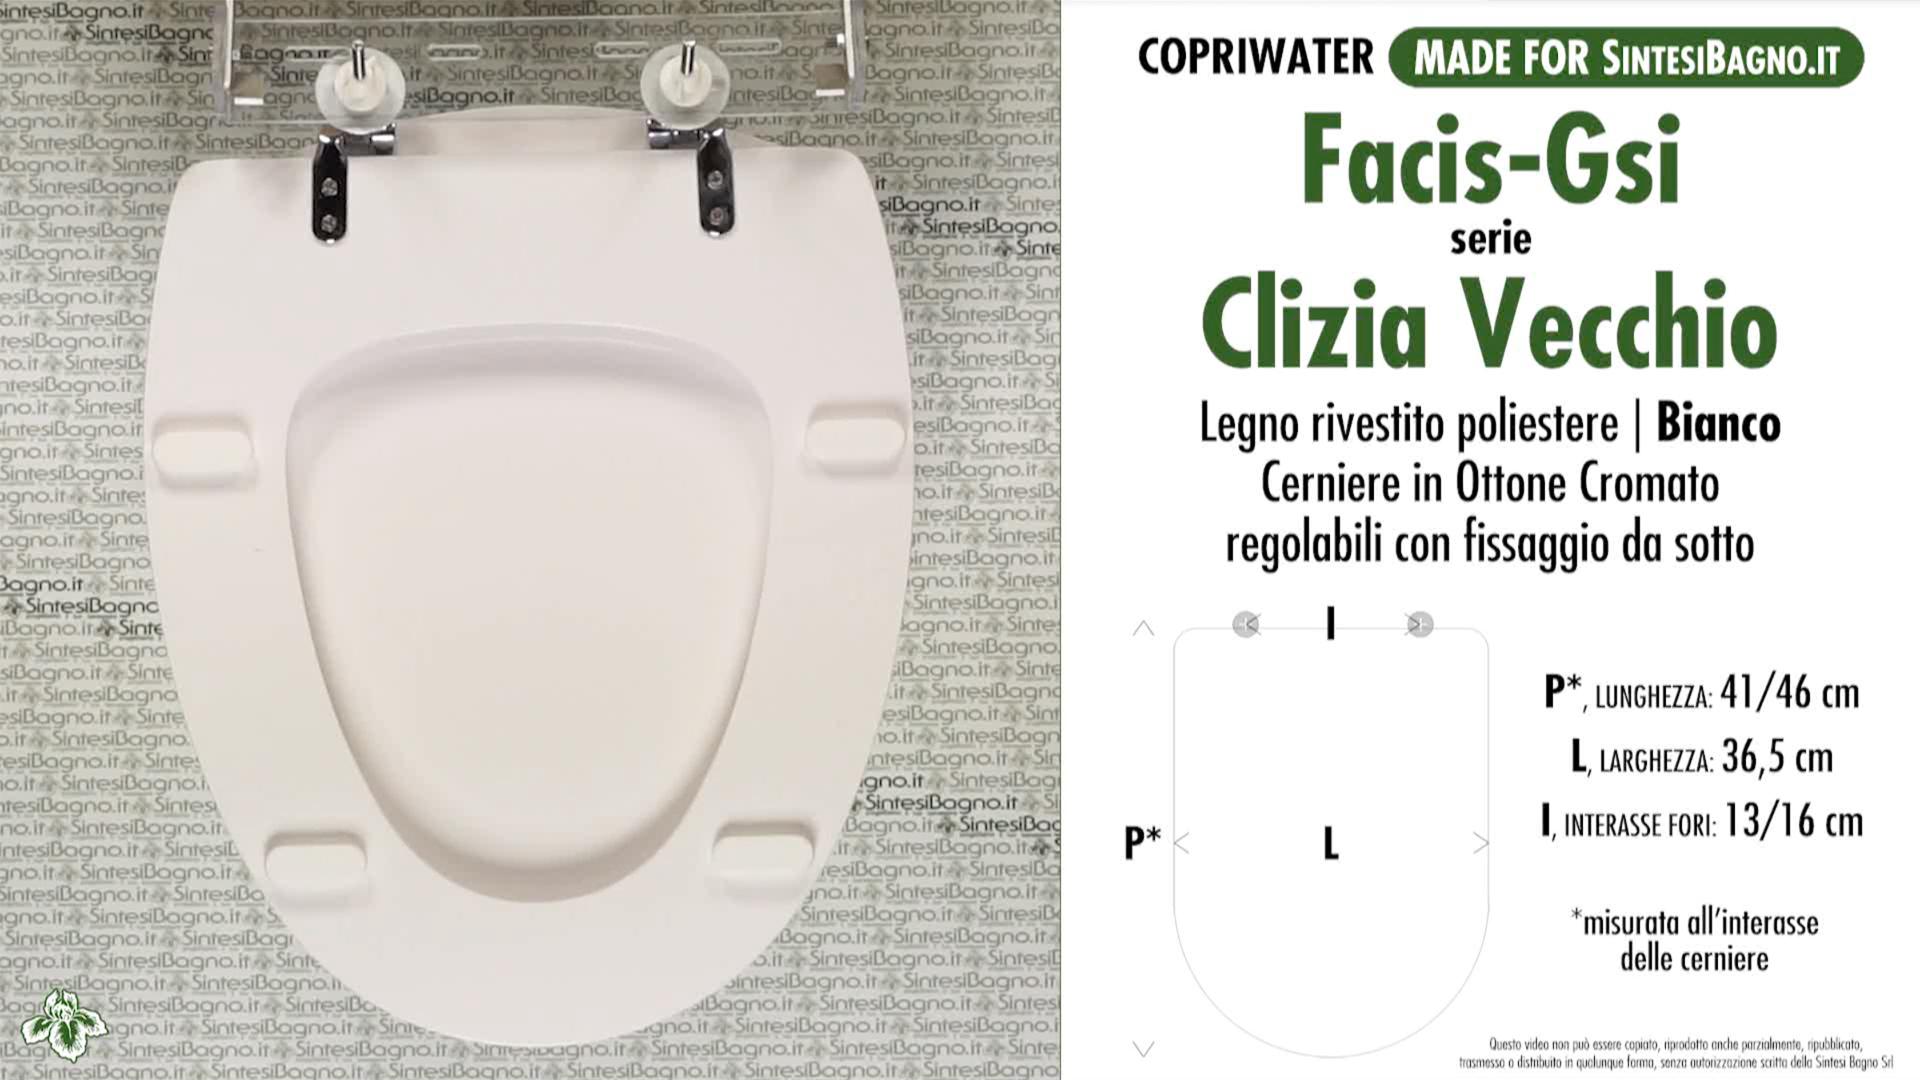 SCHEDA TECNICA MISURE copriwater FACIS/GSI CLIZIA